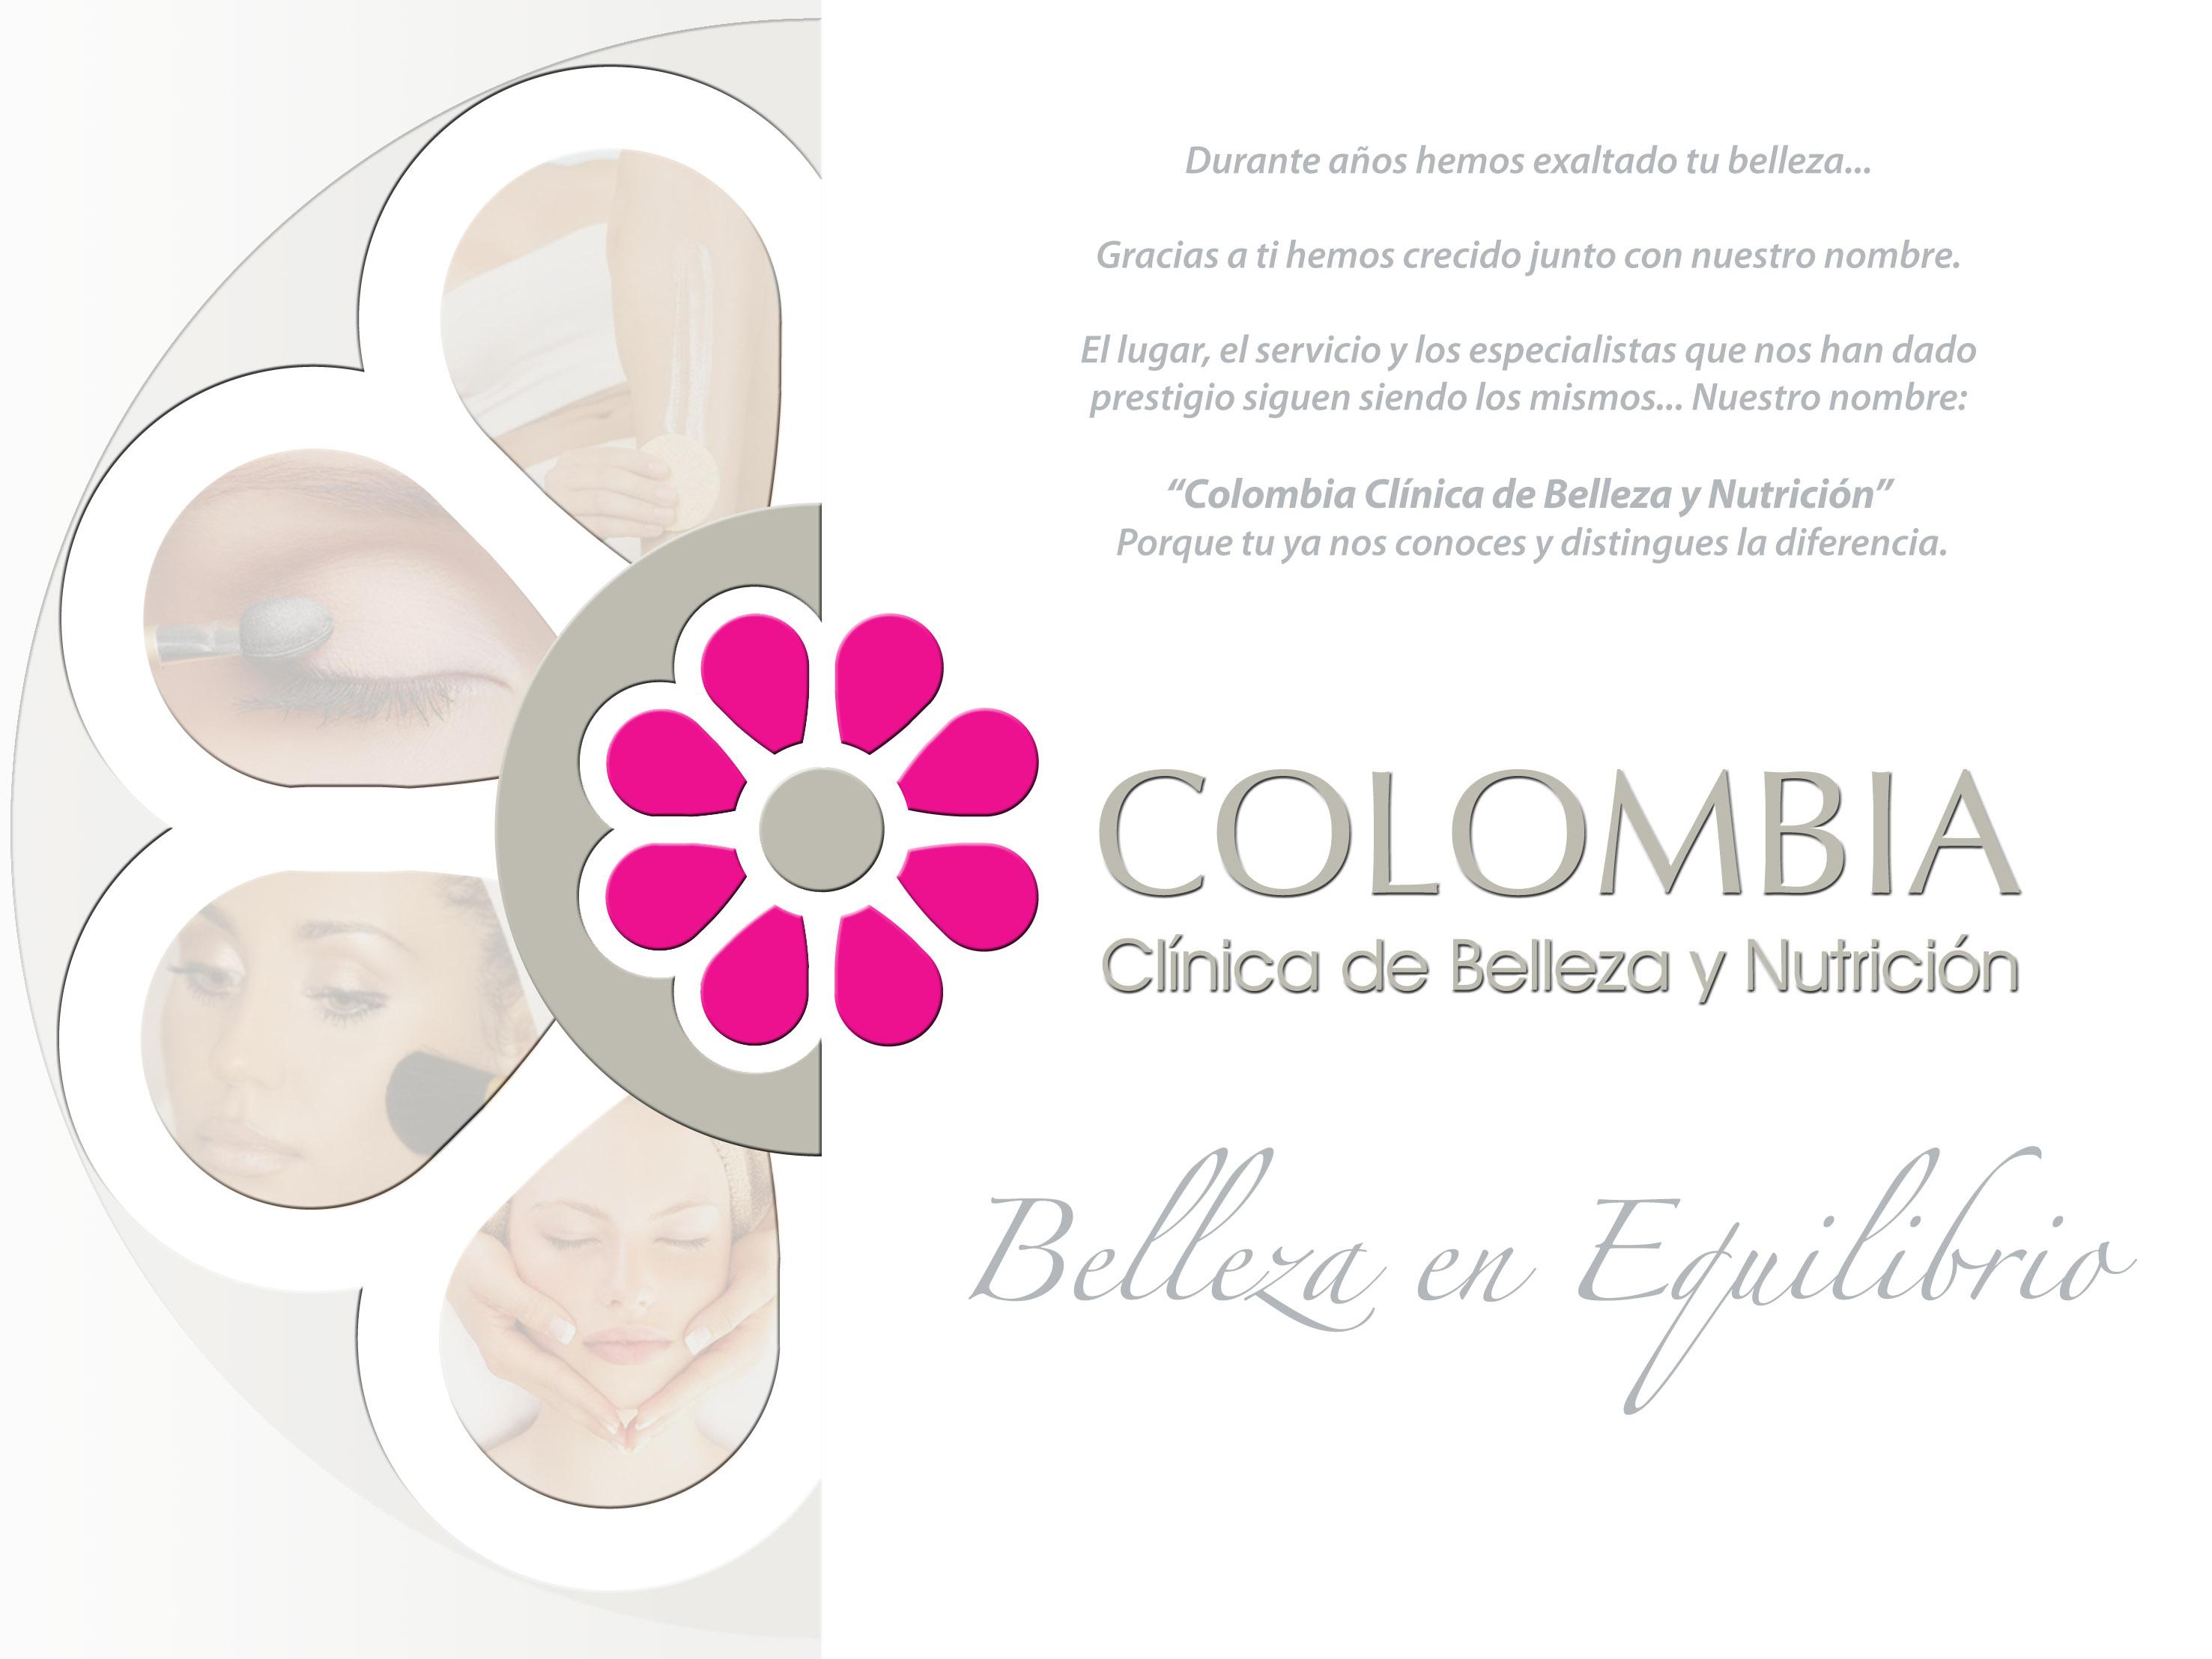 Colombia Clínica De Belleza Y Nutrición Morelia